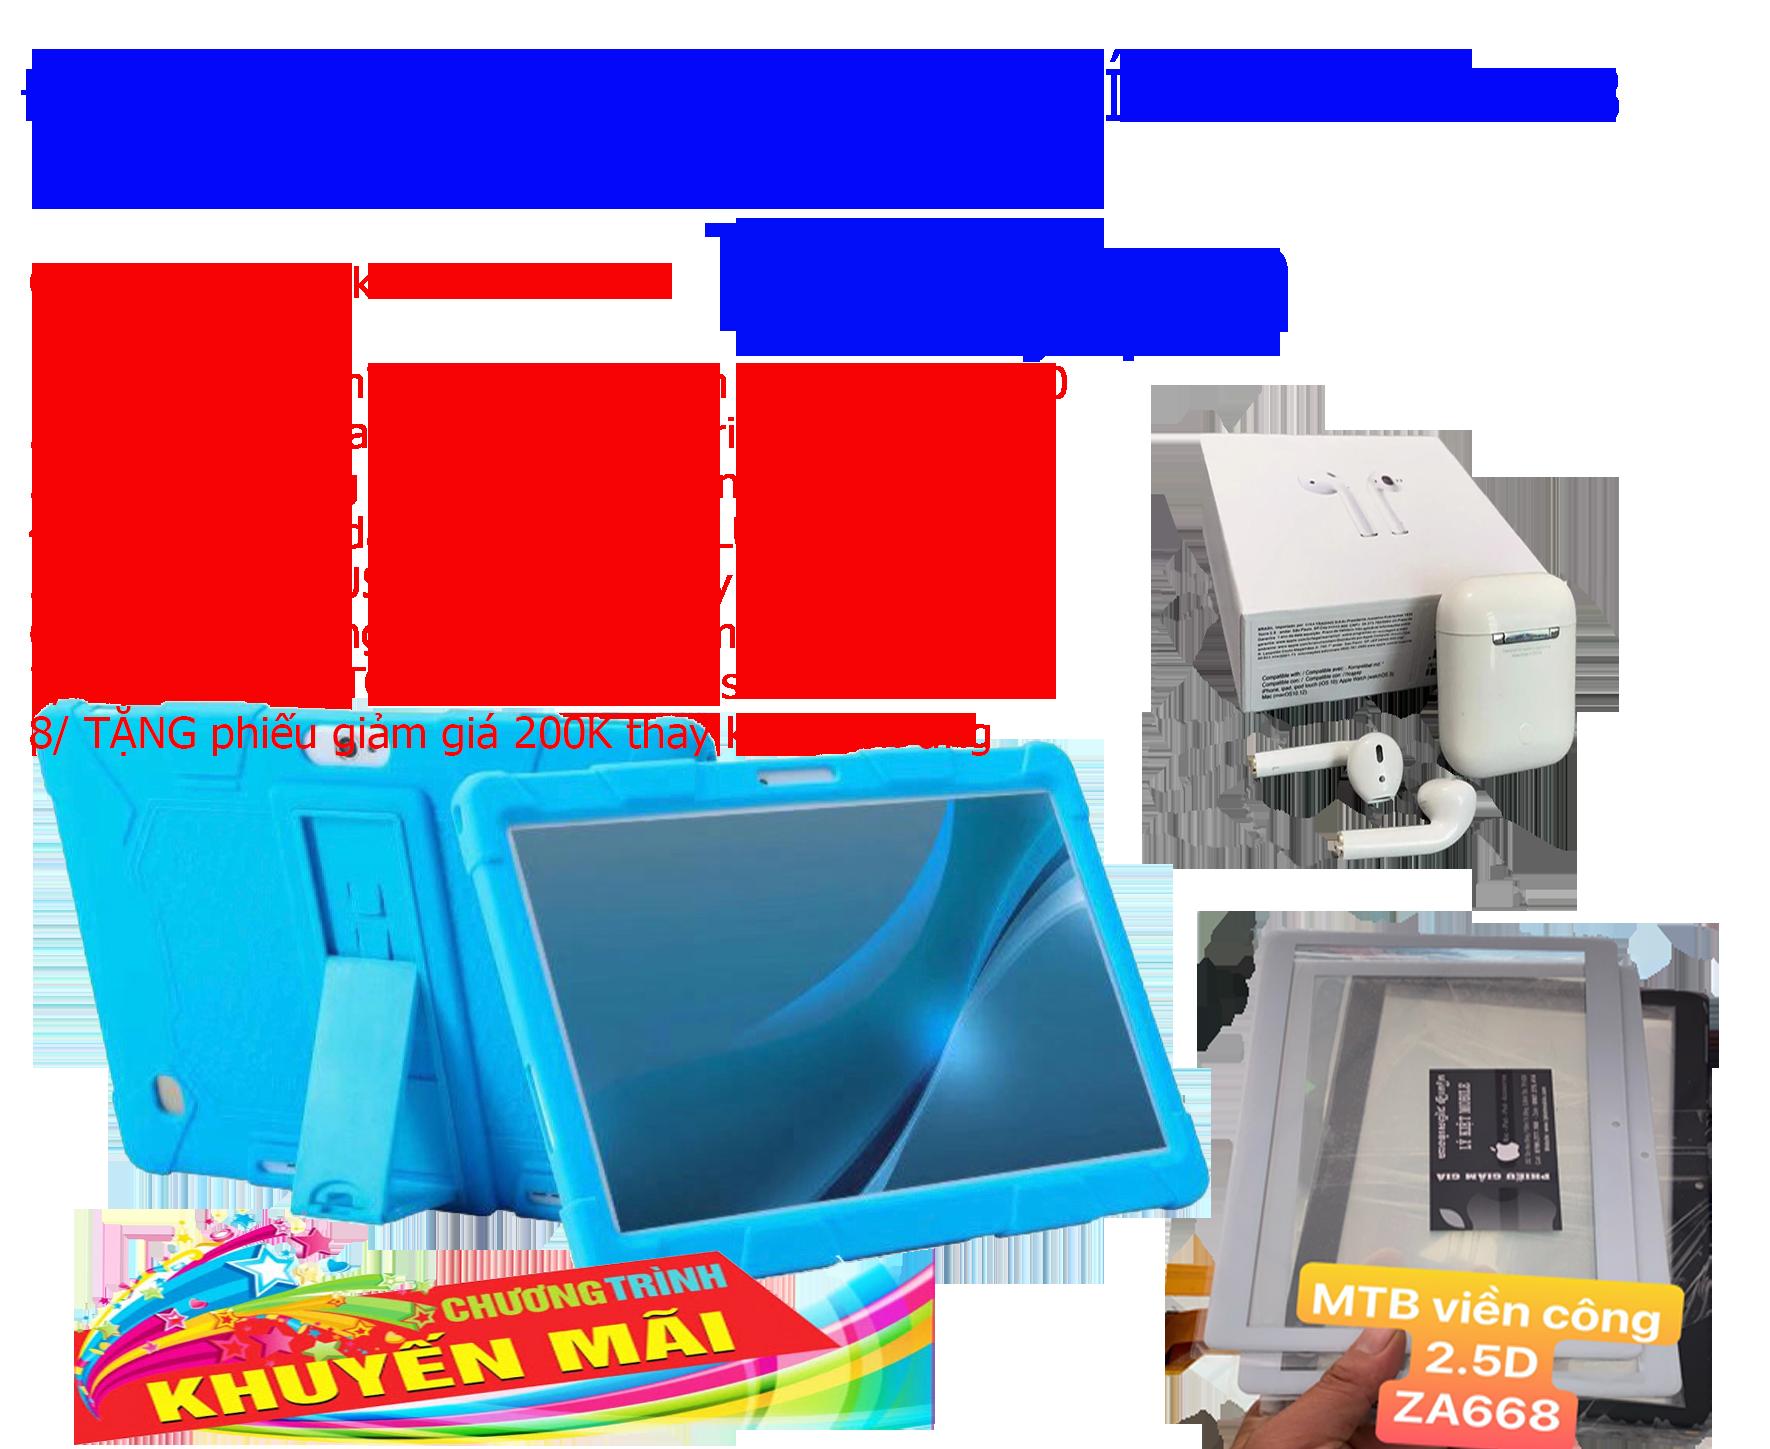 Máy tính bảng japan ZA668 phiên bản 2020 Ram 6G kèm tai nghe Blutooth Aripodr